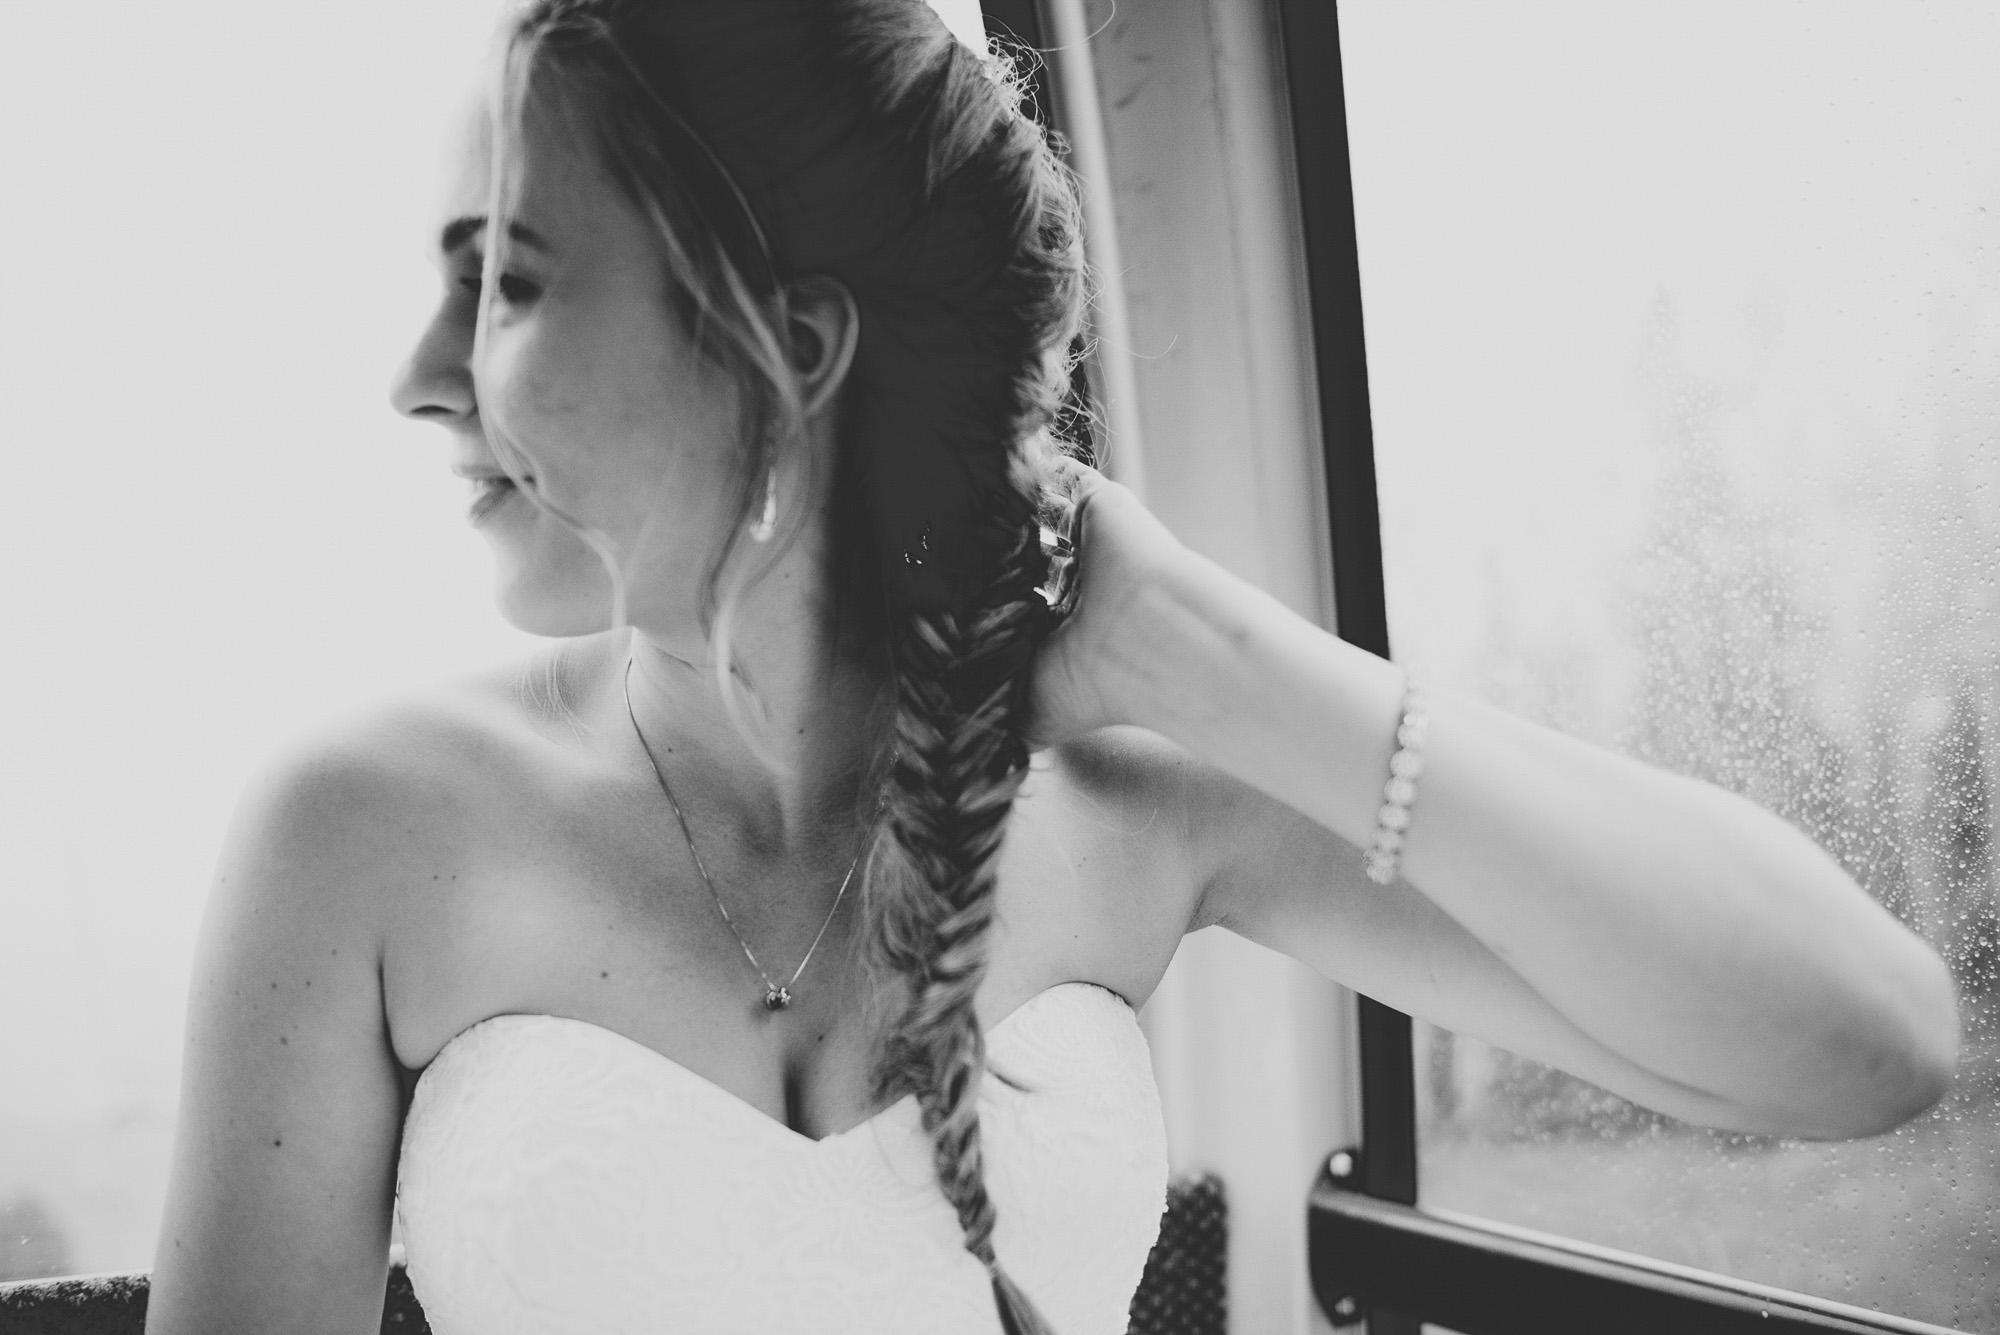 124elopement-photographer-colorado-colorado-mountain-wedding-photographer-romantic-wedding-pictures_014.jpg